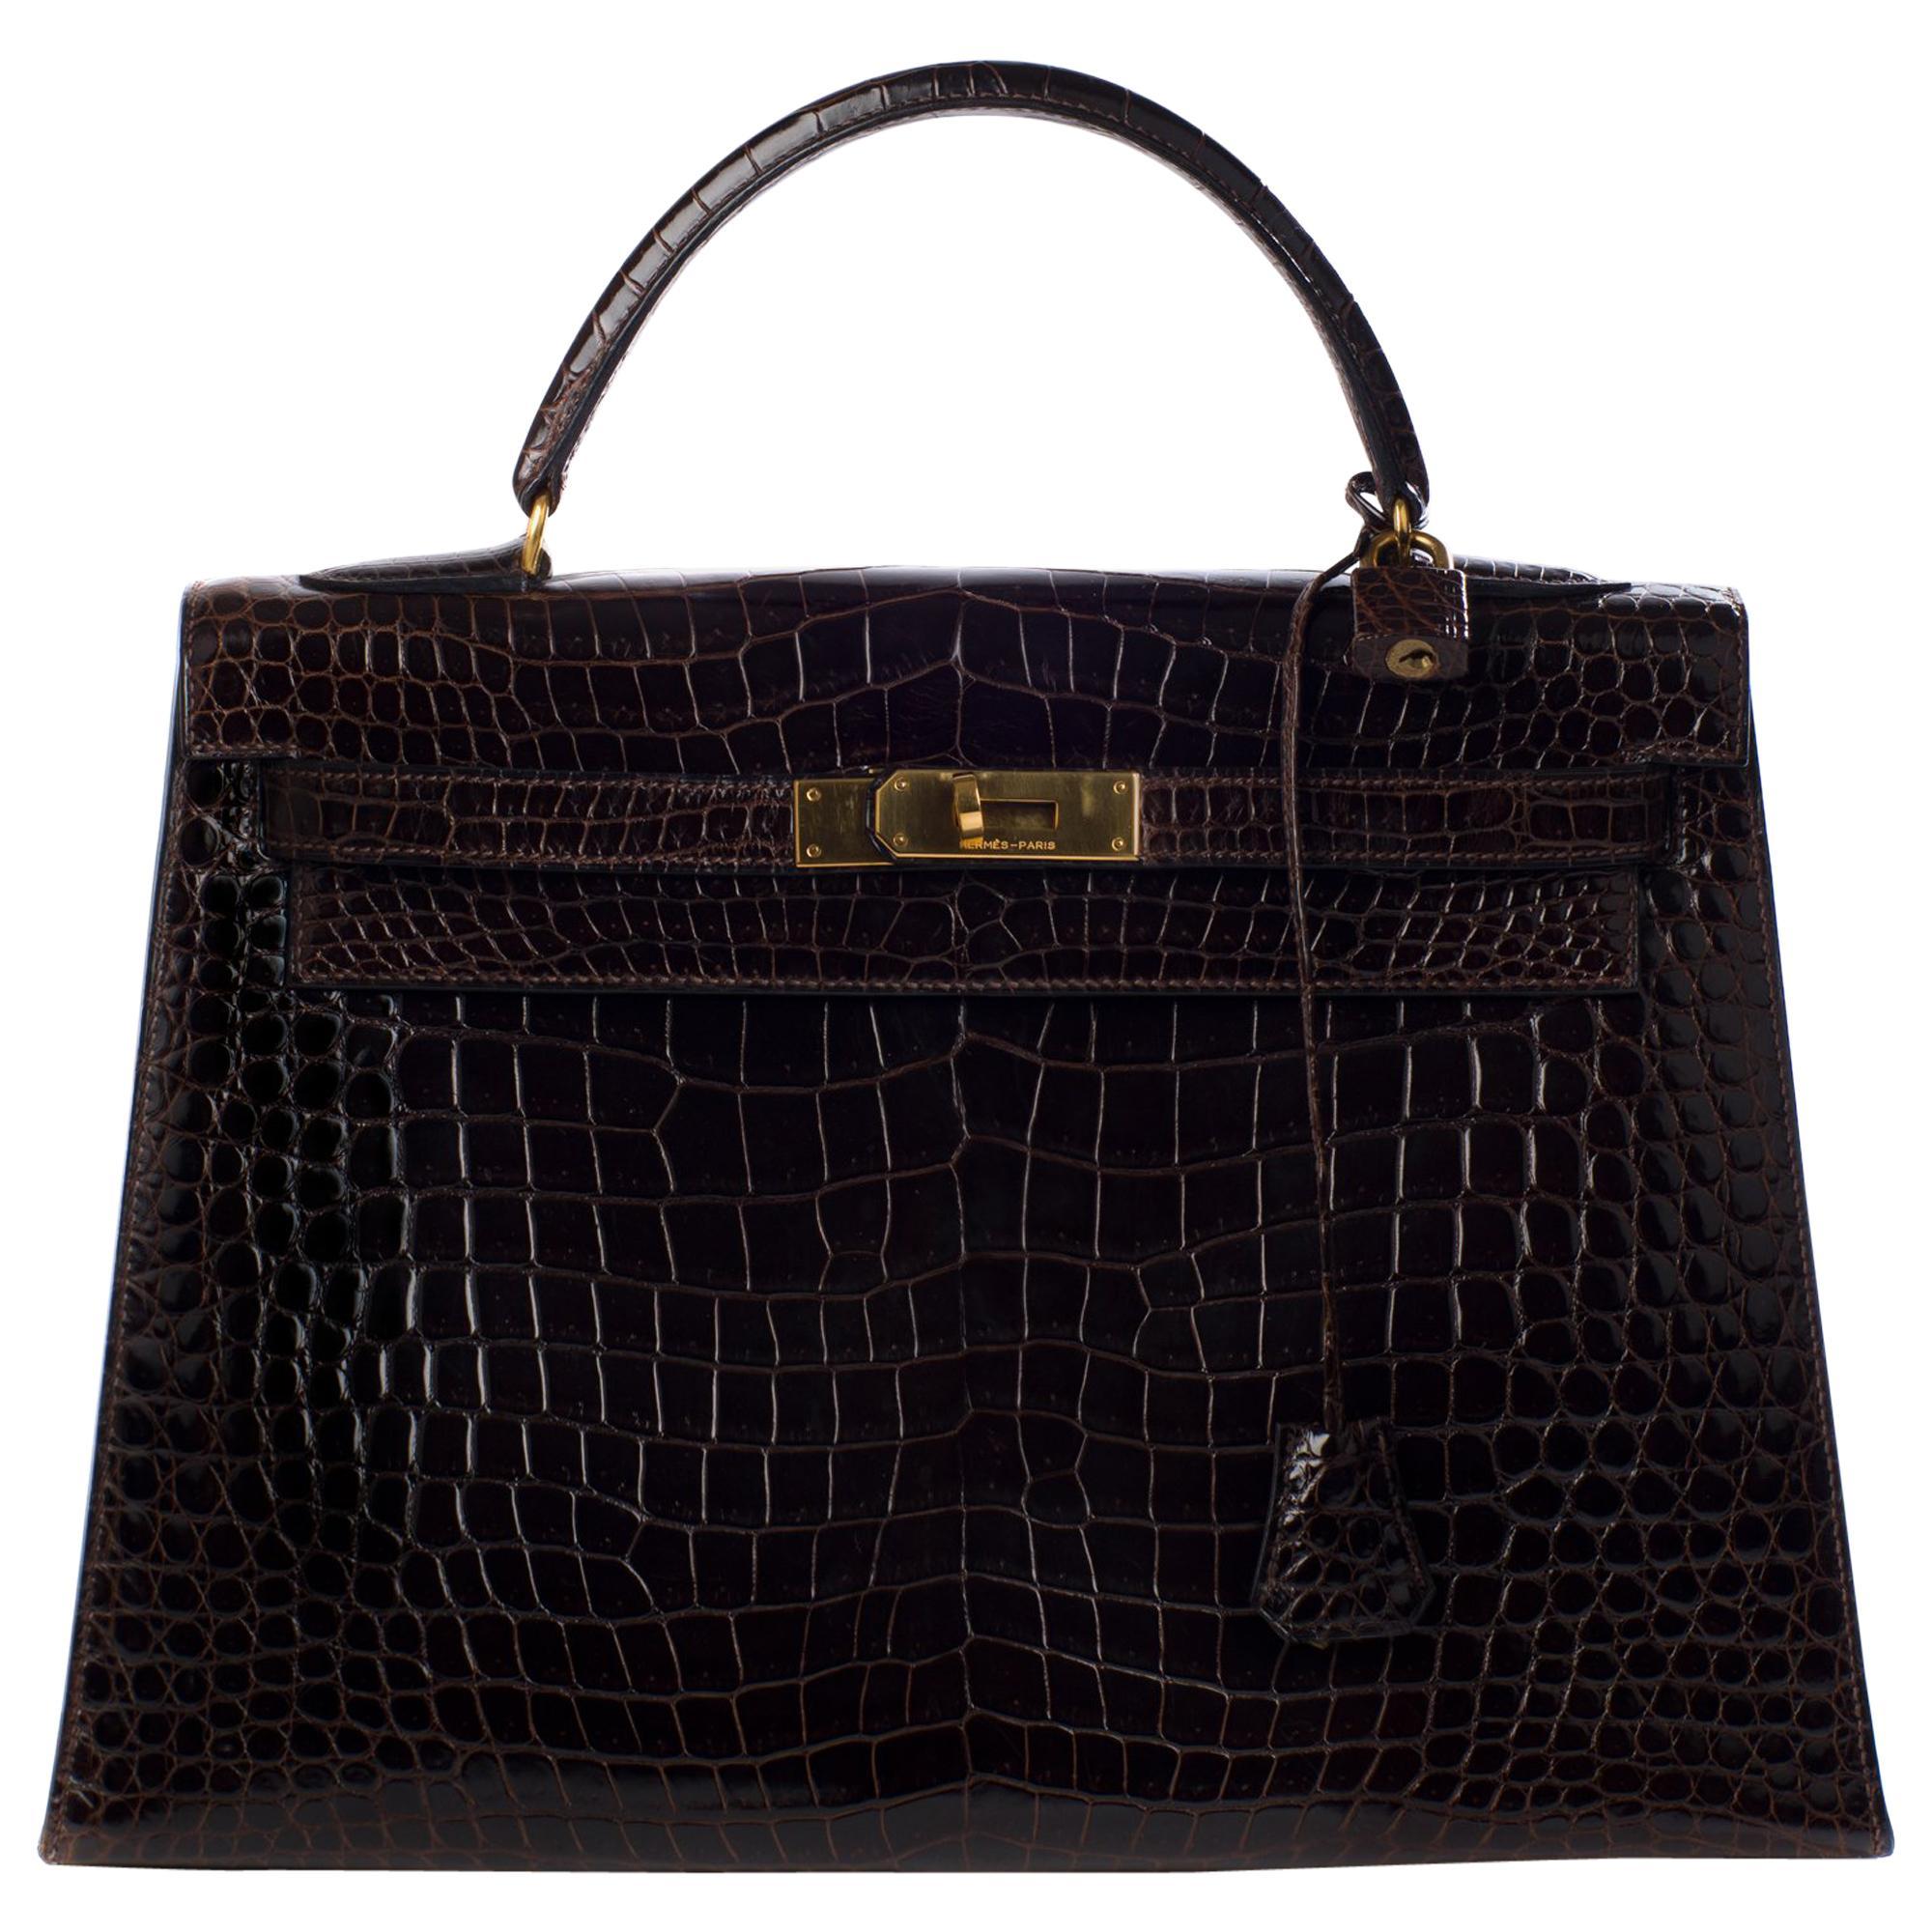 45ed418d520 Black Crocodile Bags - 296 For Sale on 1stdibs